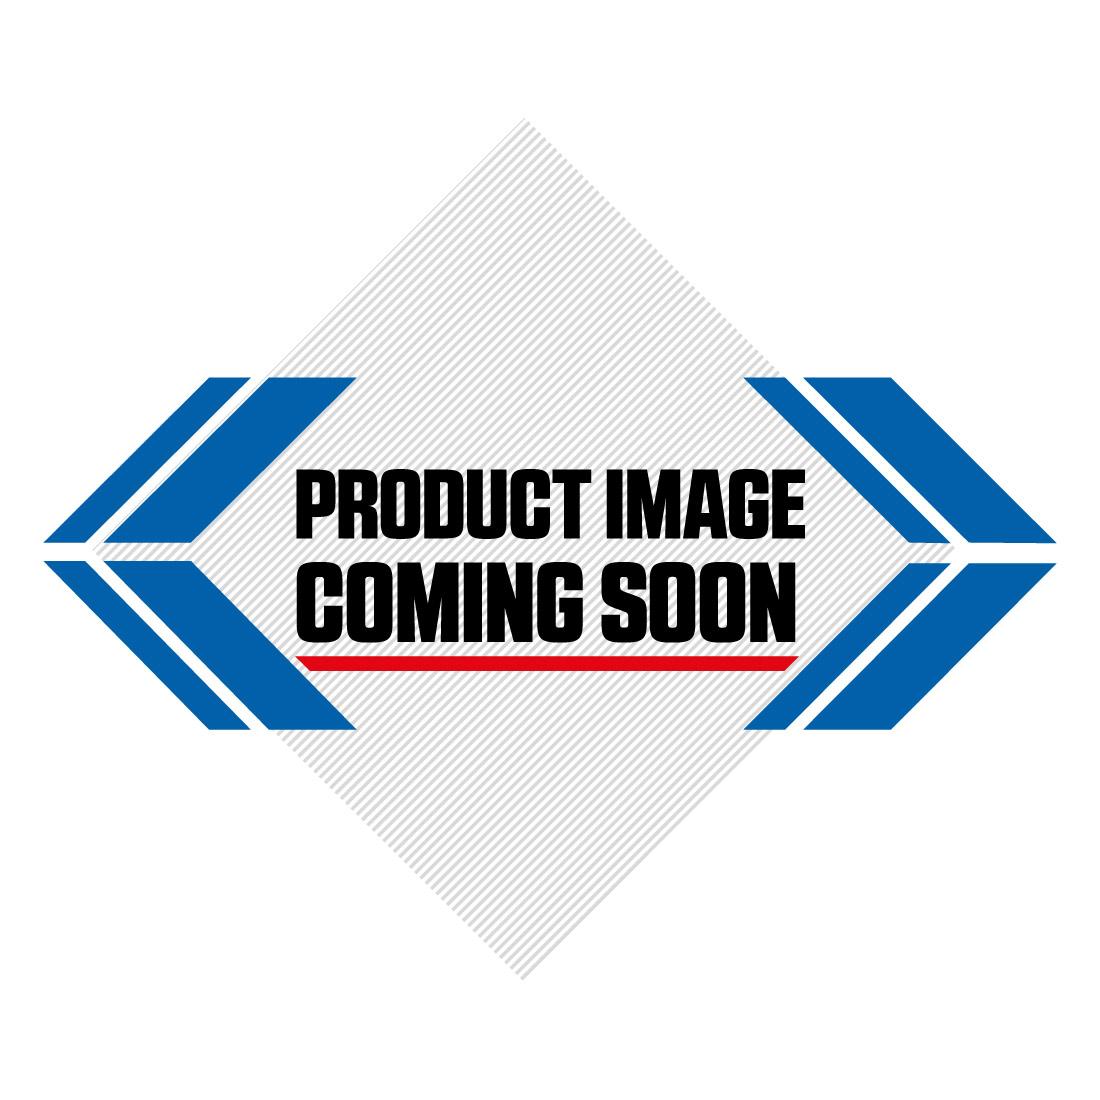 UFO Honda Plastic Kit CRF 110F (19-21) OEM Factory Image-4>